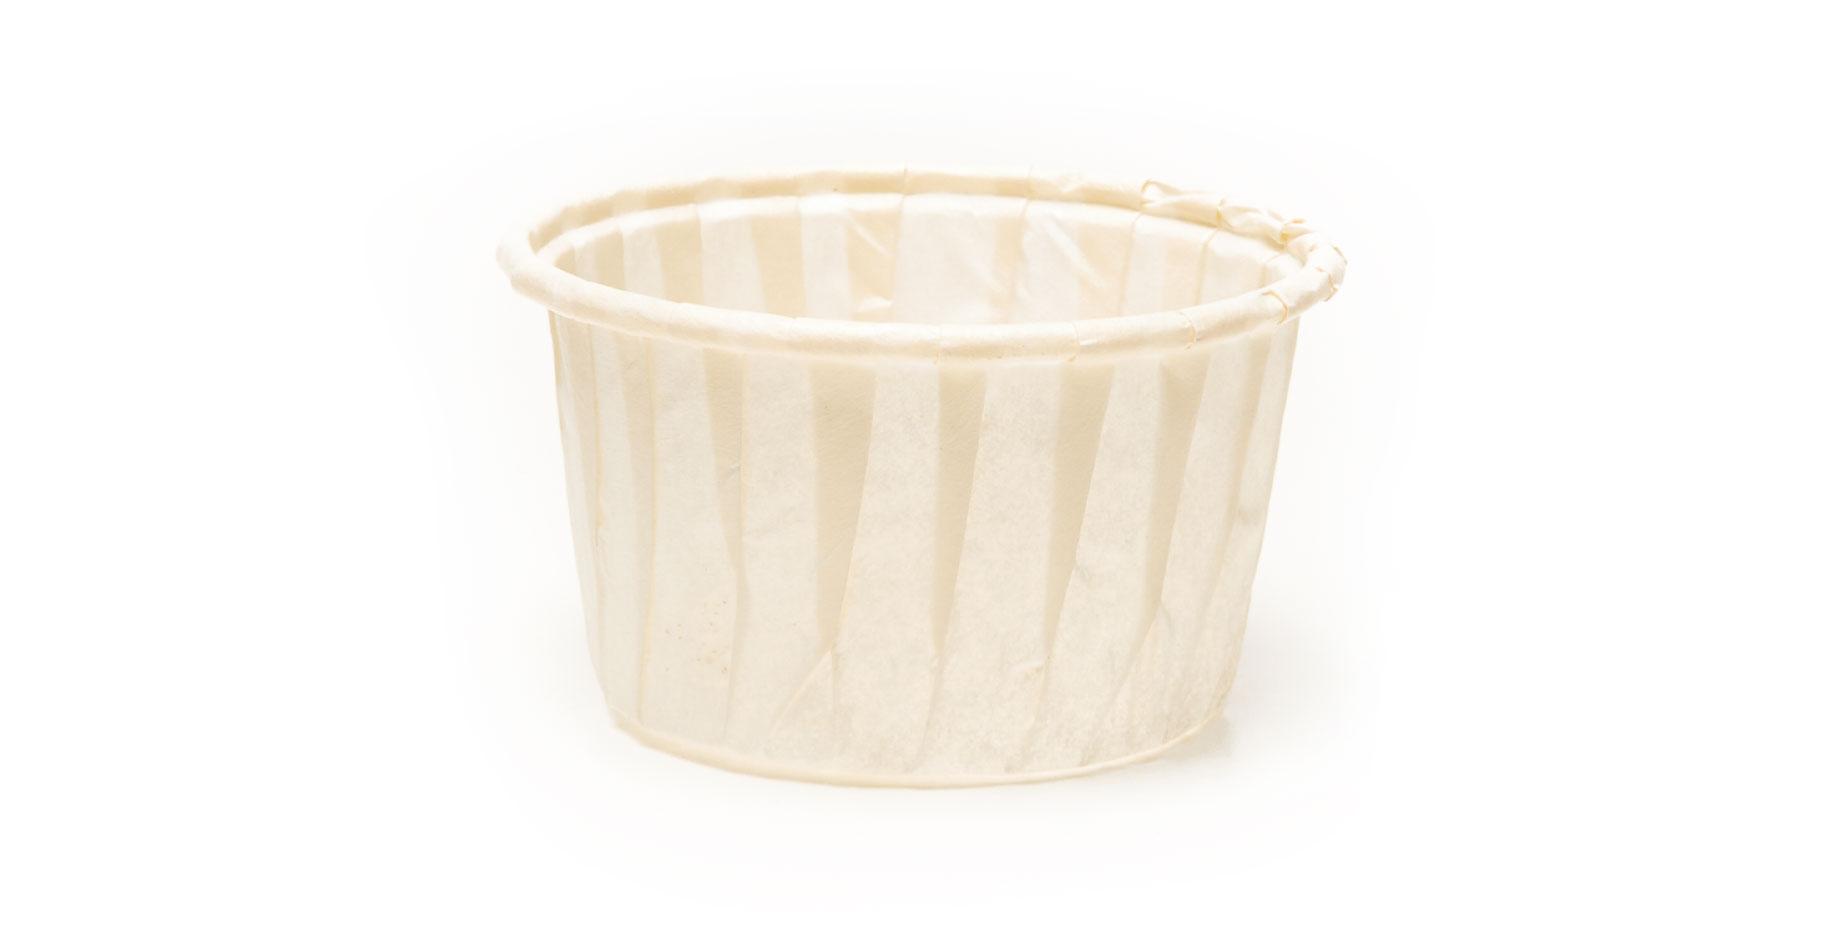 Novacart Ecos baking mold